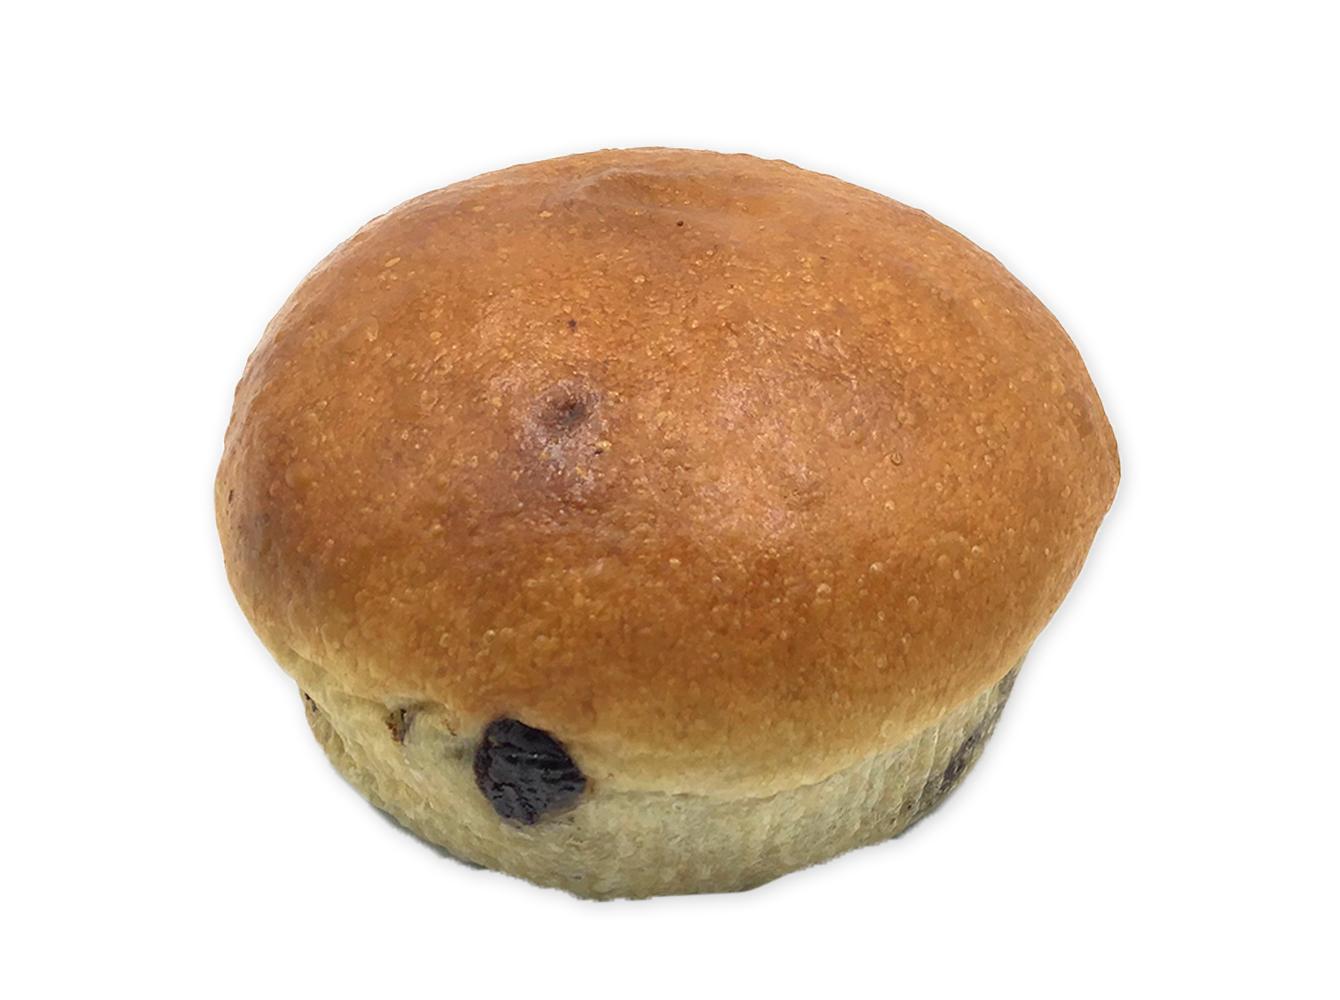 ダイエット中でも「パン」が食べたい方必見!